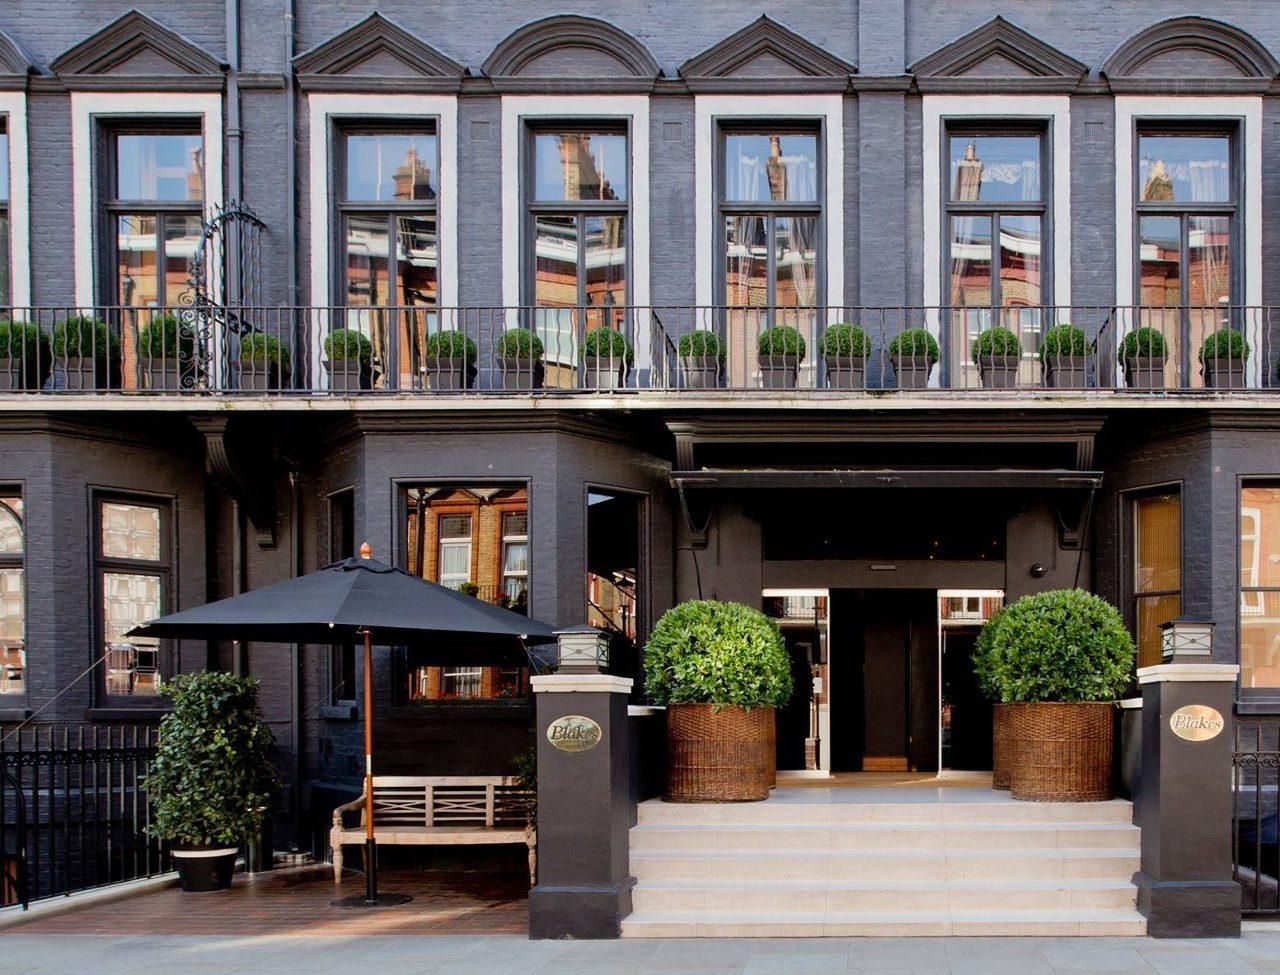 Blakes Hotel: El enigmático hotel boutique londinense de color negro